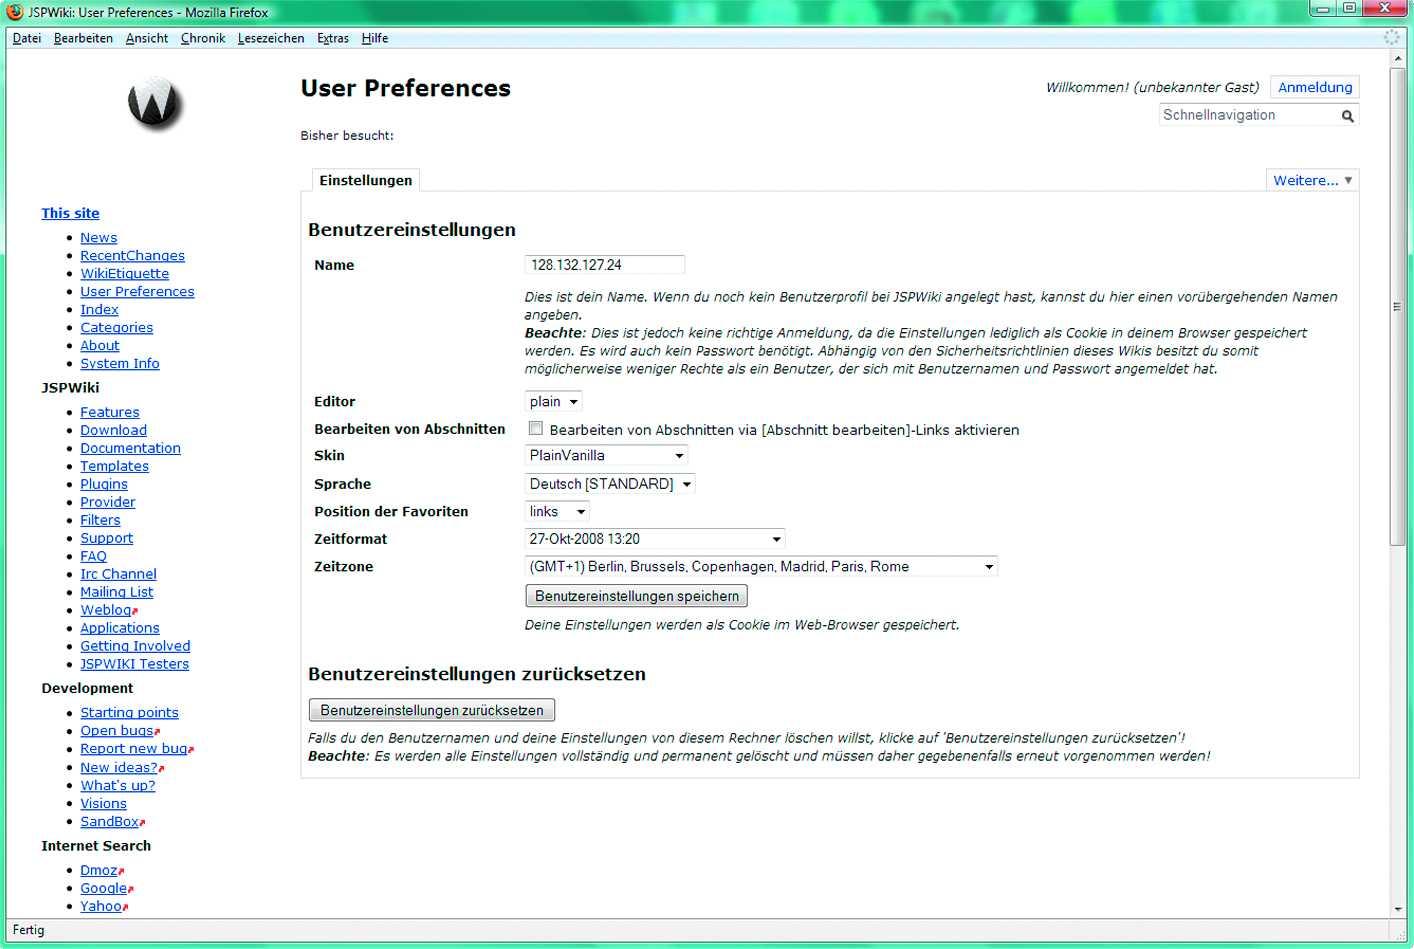 Die Benutzereinstellungen des JSPWiki